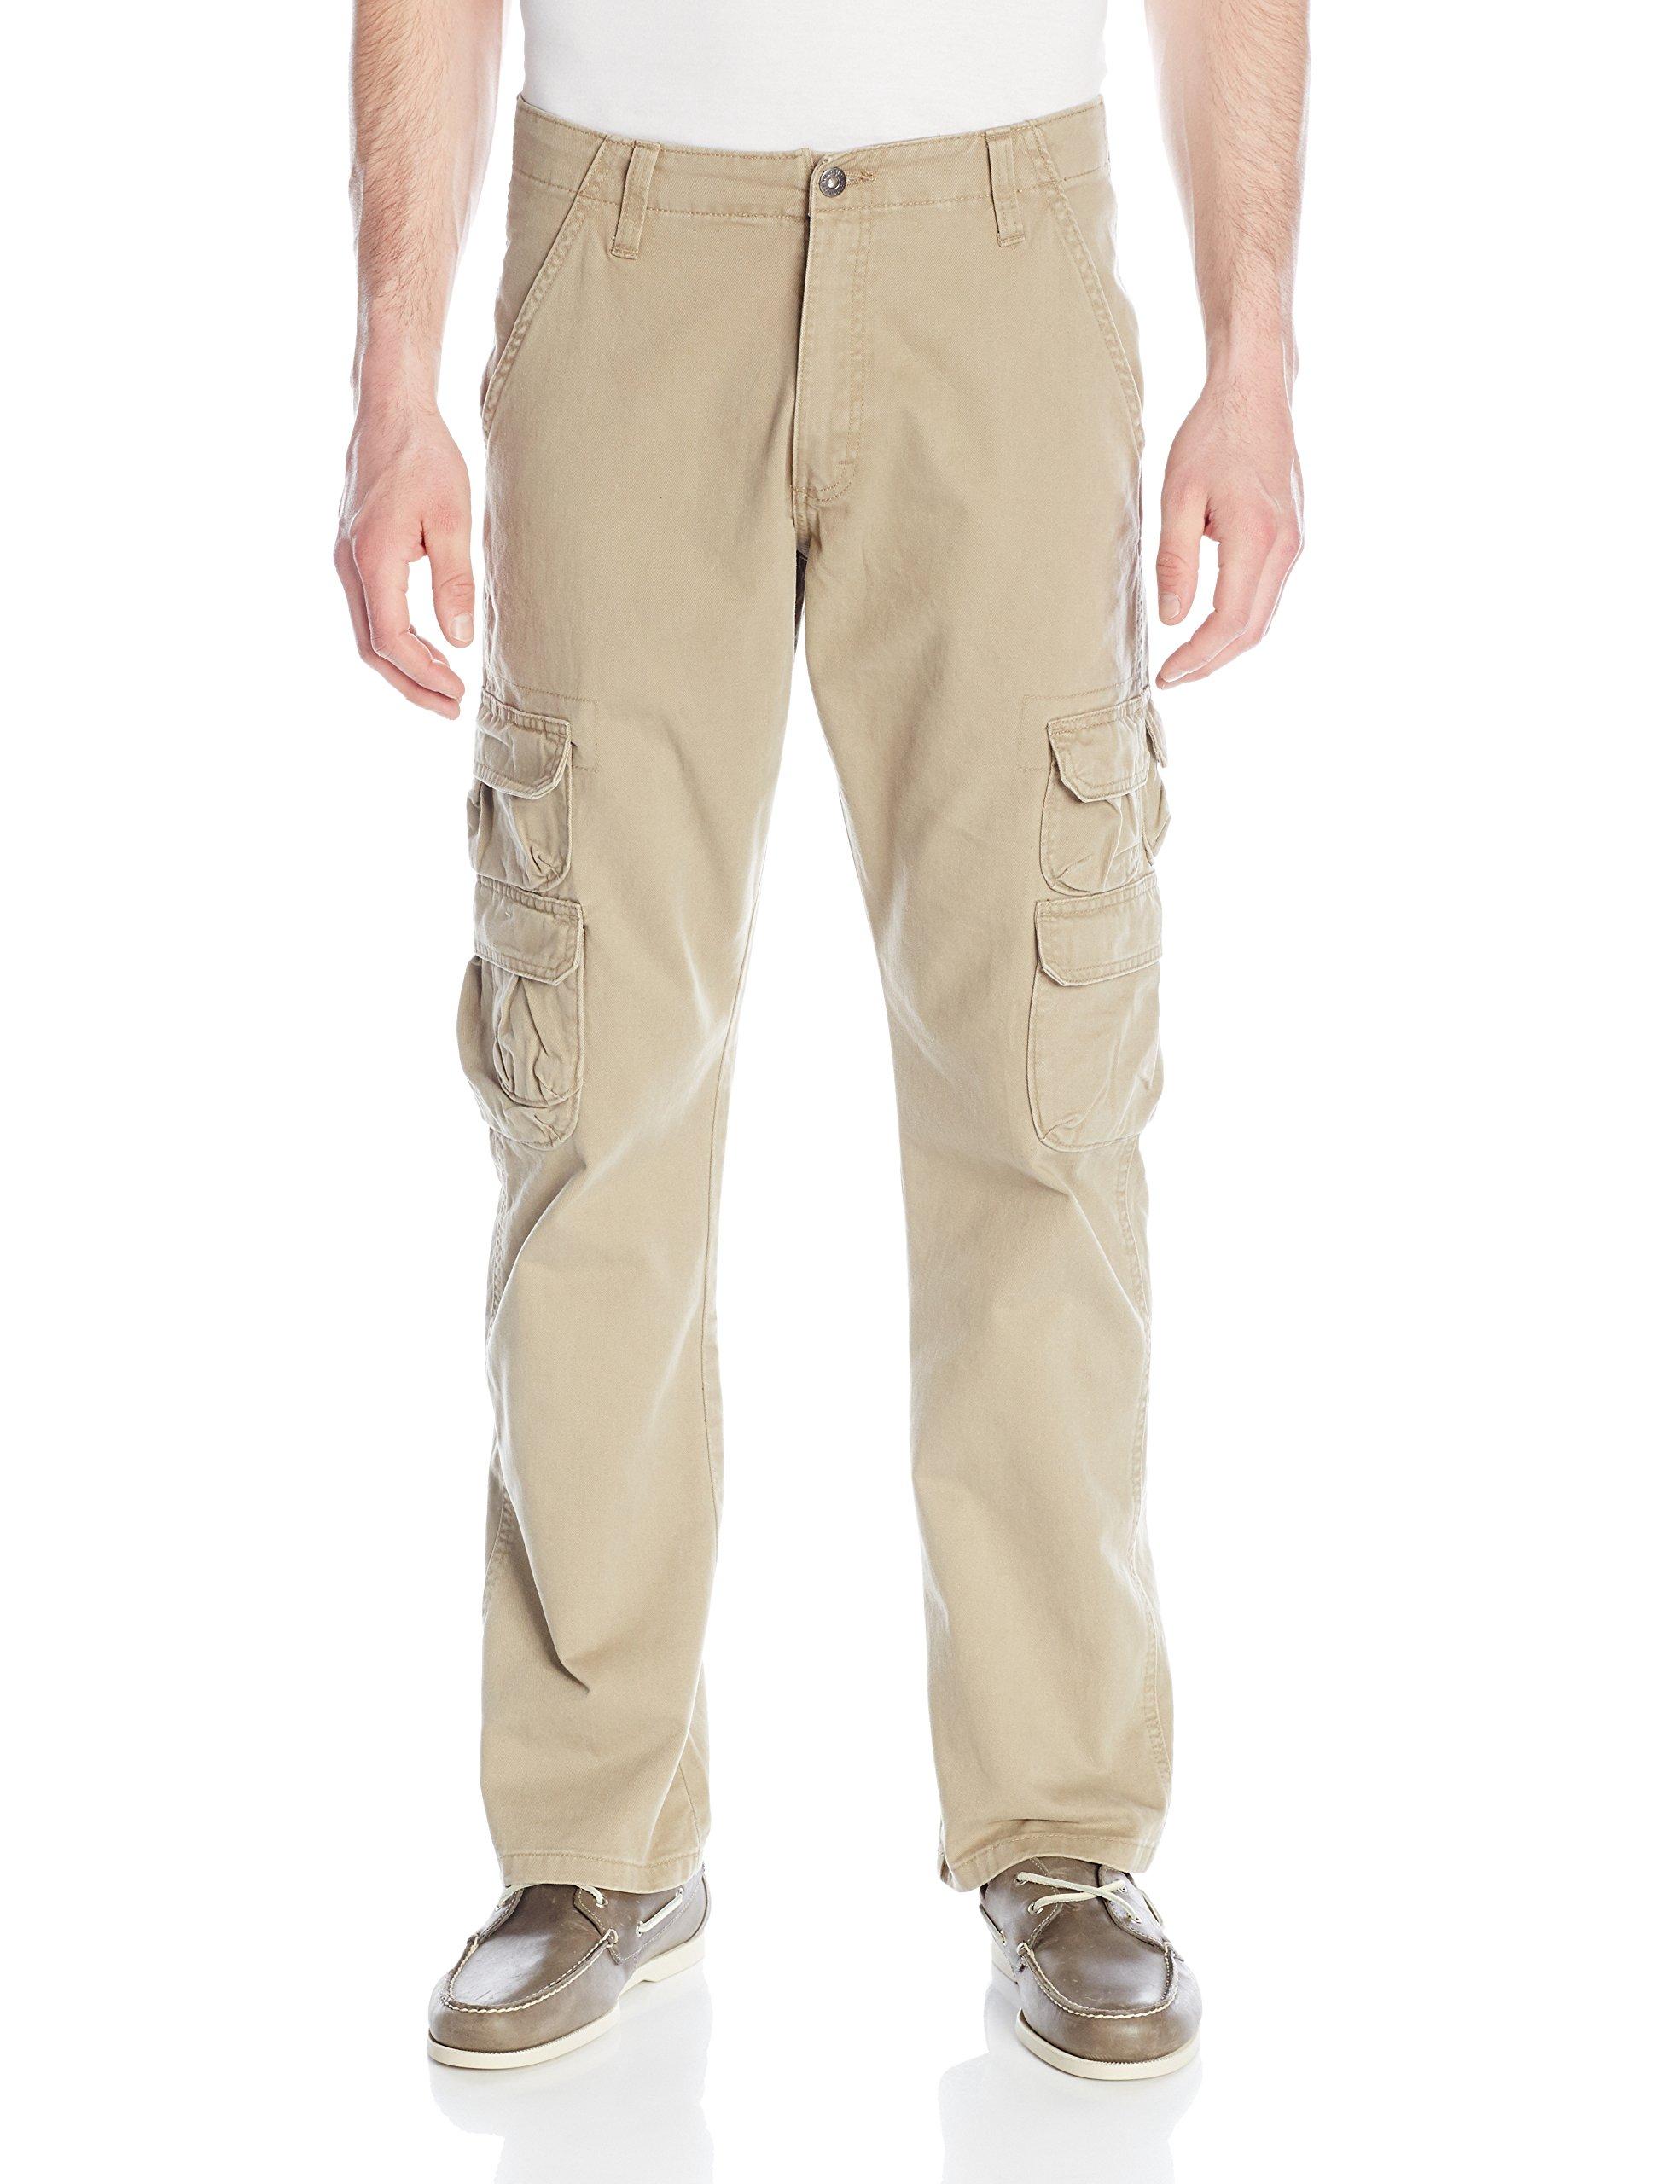 Wrangler Authentics Men's Premium Twill Cargo Pant, British Khaki, 38x30